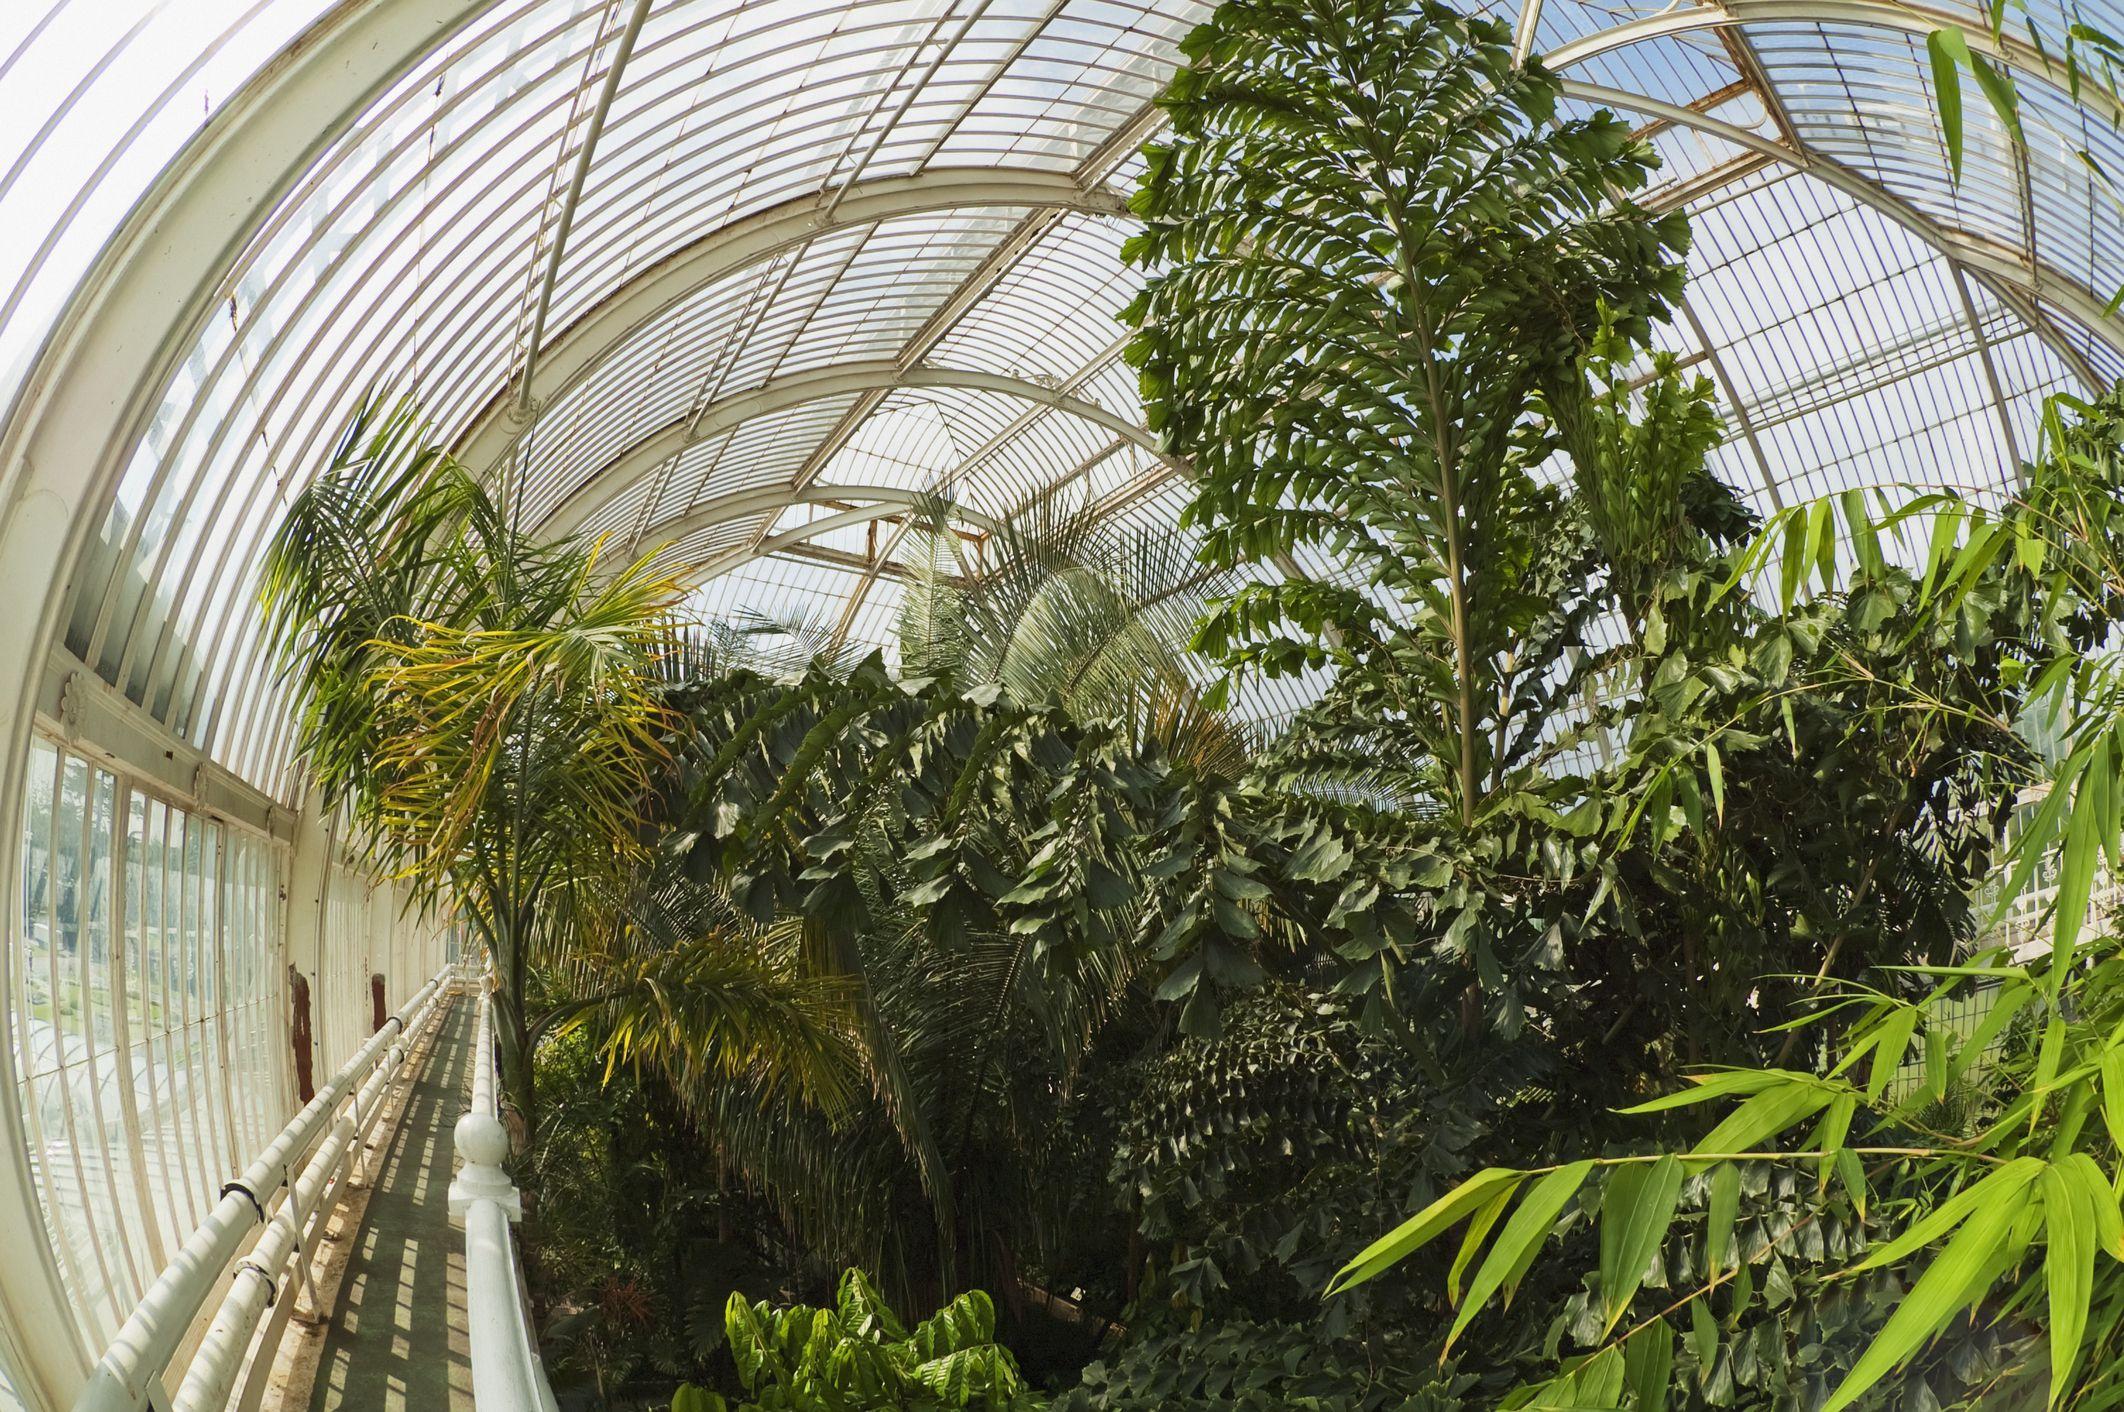 Palm House at Royal Botanic Gardens, Kew, Surrey, England, United Kingdom